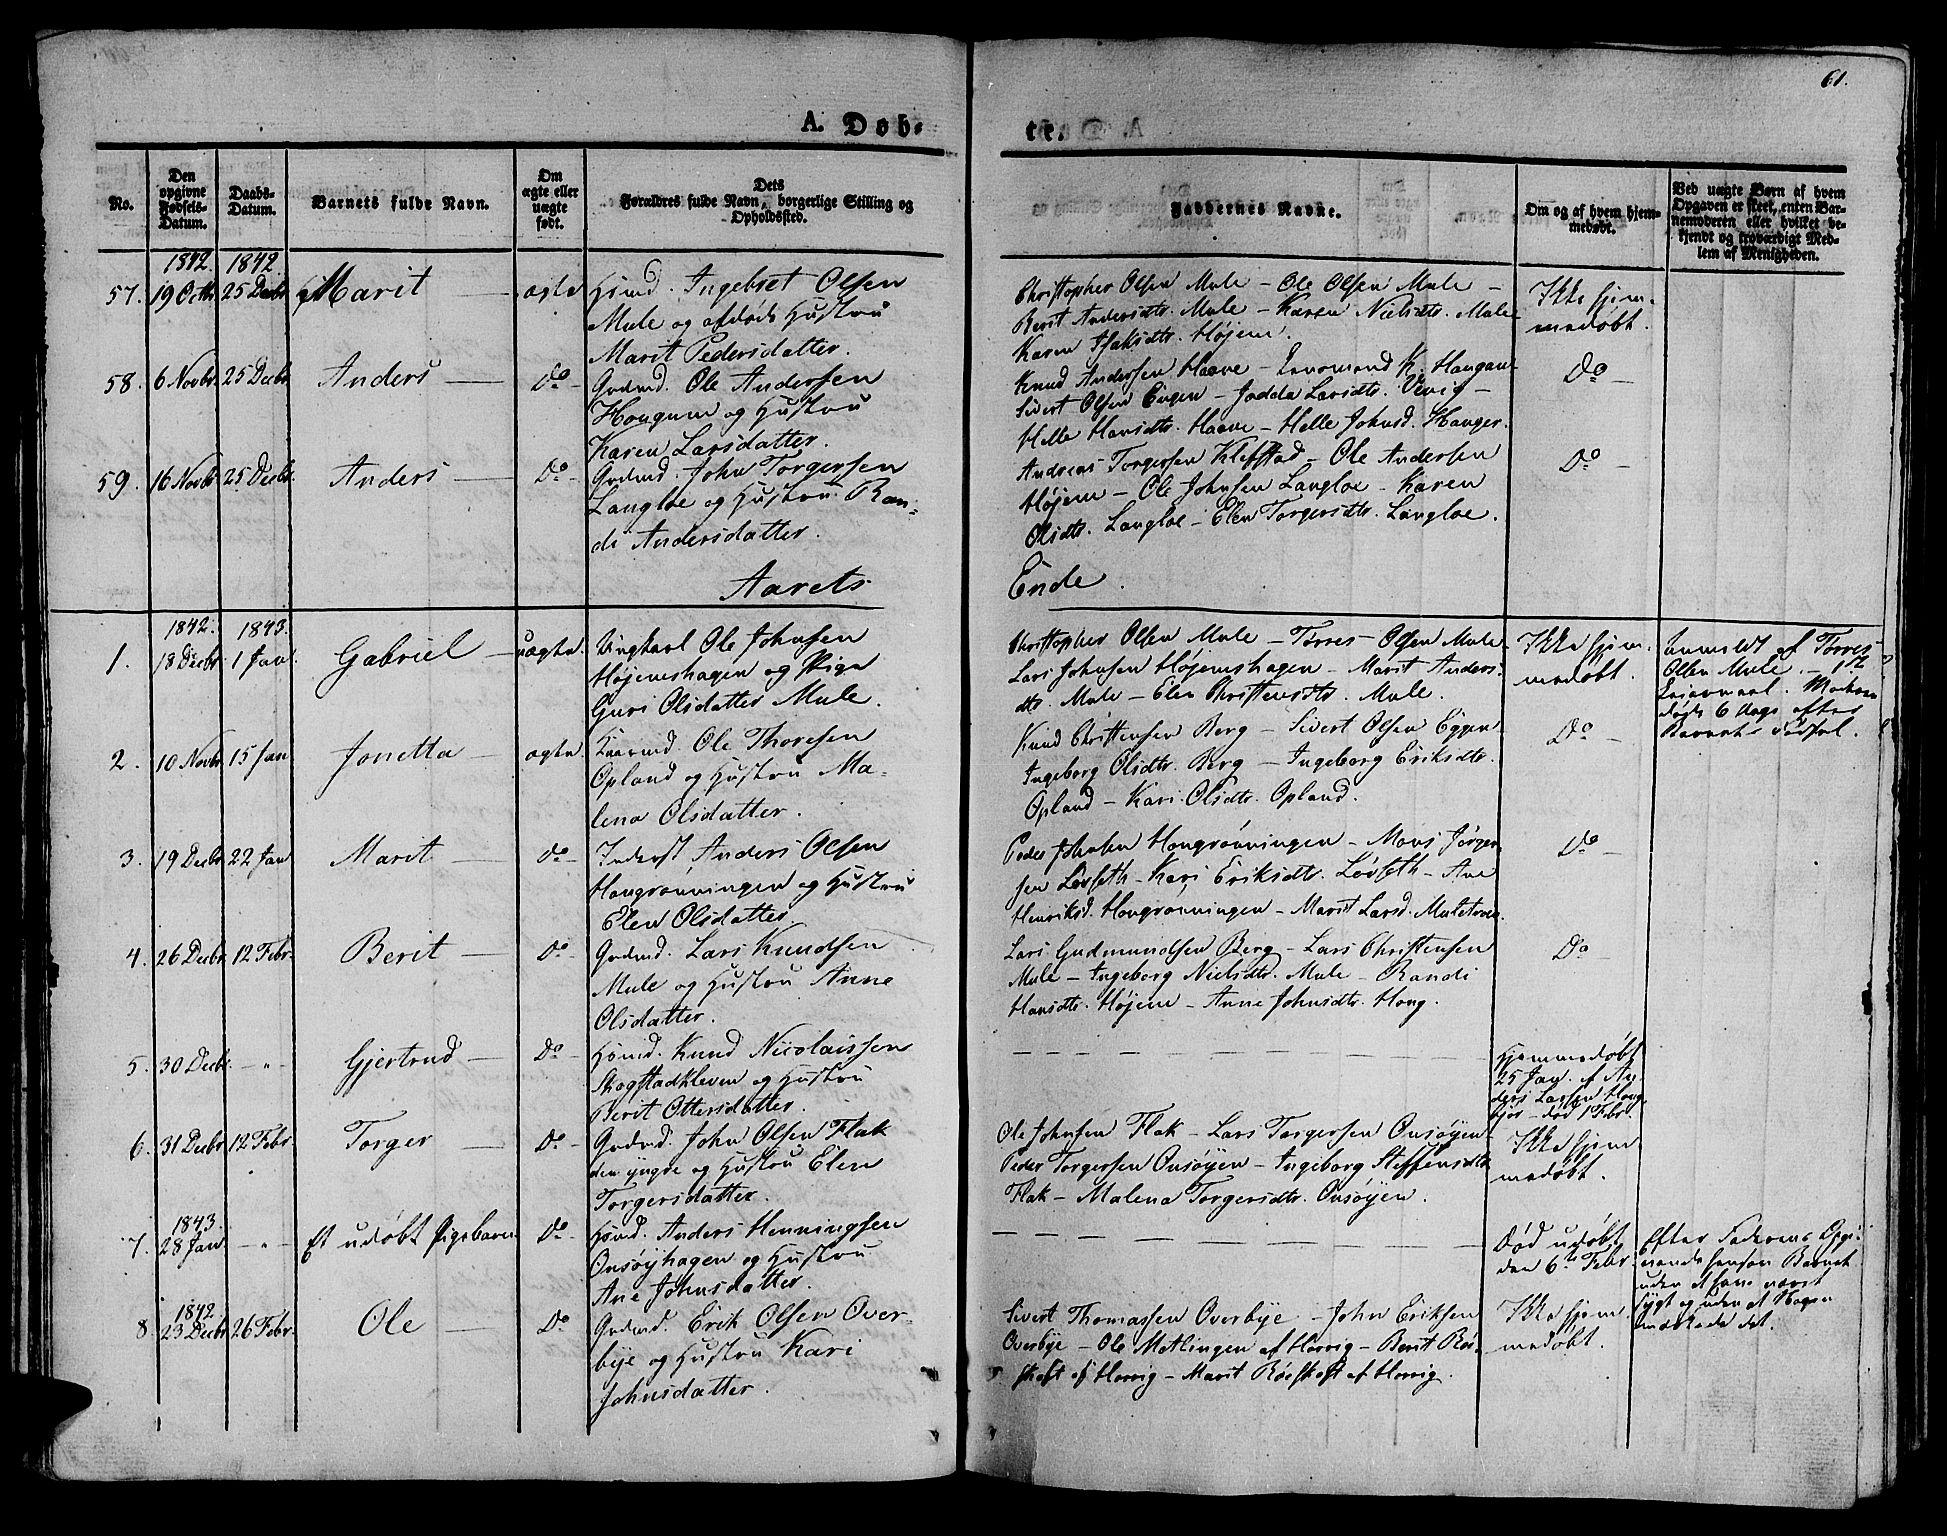 SAT, Ministerialprotokoller, klokkerbøker og fødselsregistre - Sør-Trøndelag, 612/L0374: Ministerialbok nr. 612A07 /1, 1829-1845, s. 61